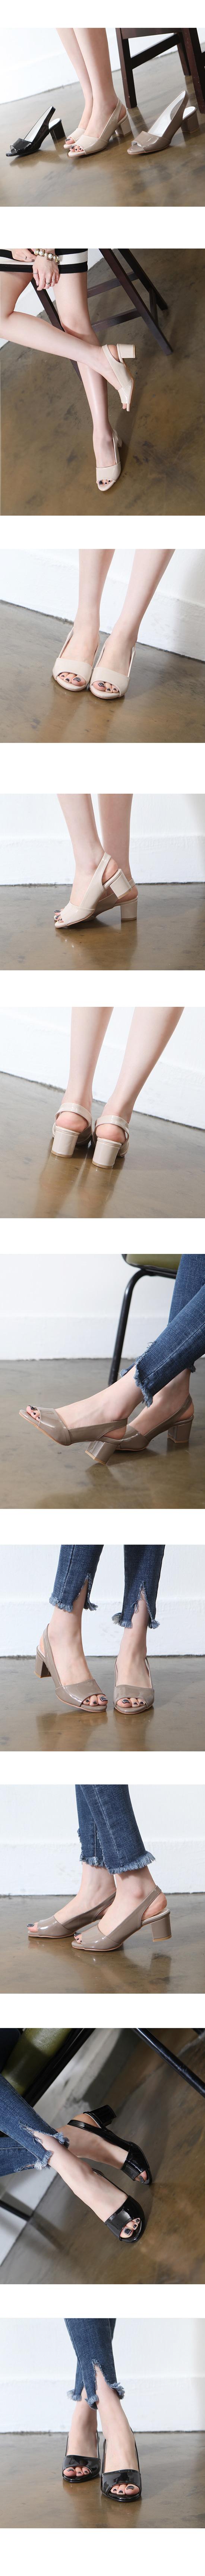 Enamel Toe Open Slingback High Heels Black